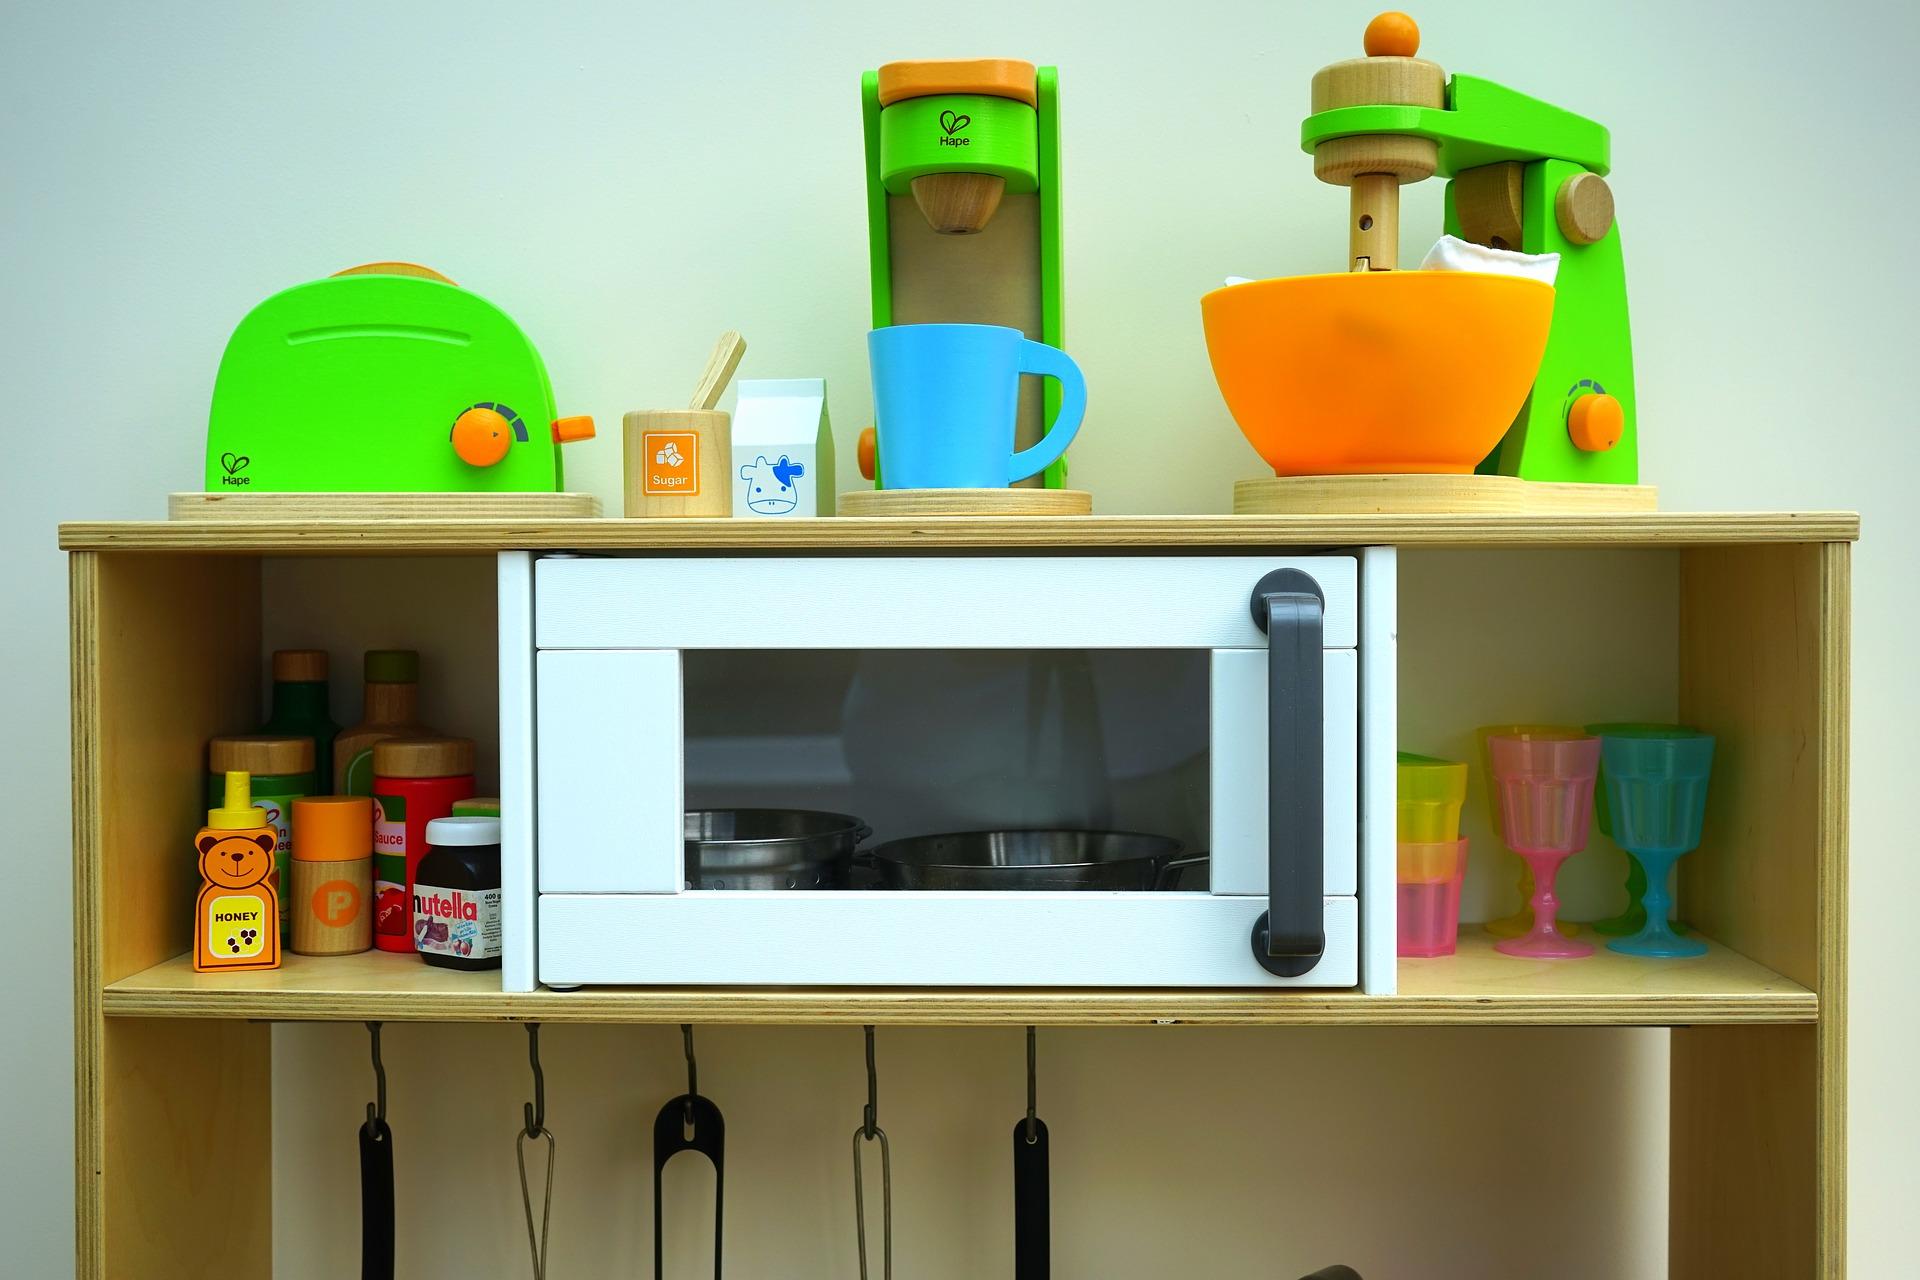 Quels sont les avantages des cuisines en bois pour le développement de l'enfant ?